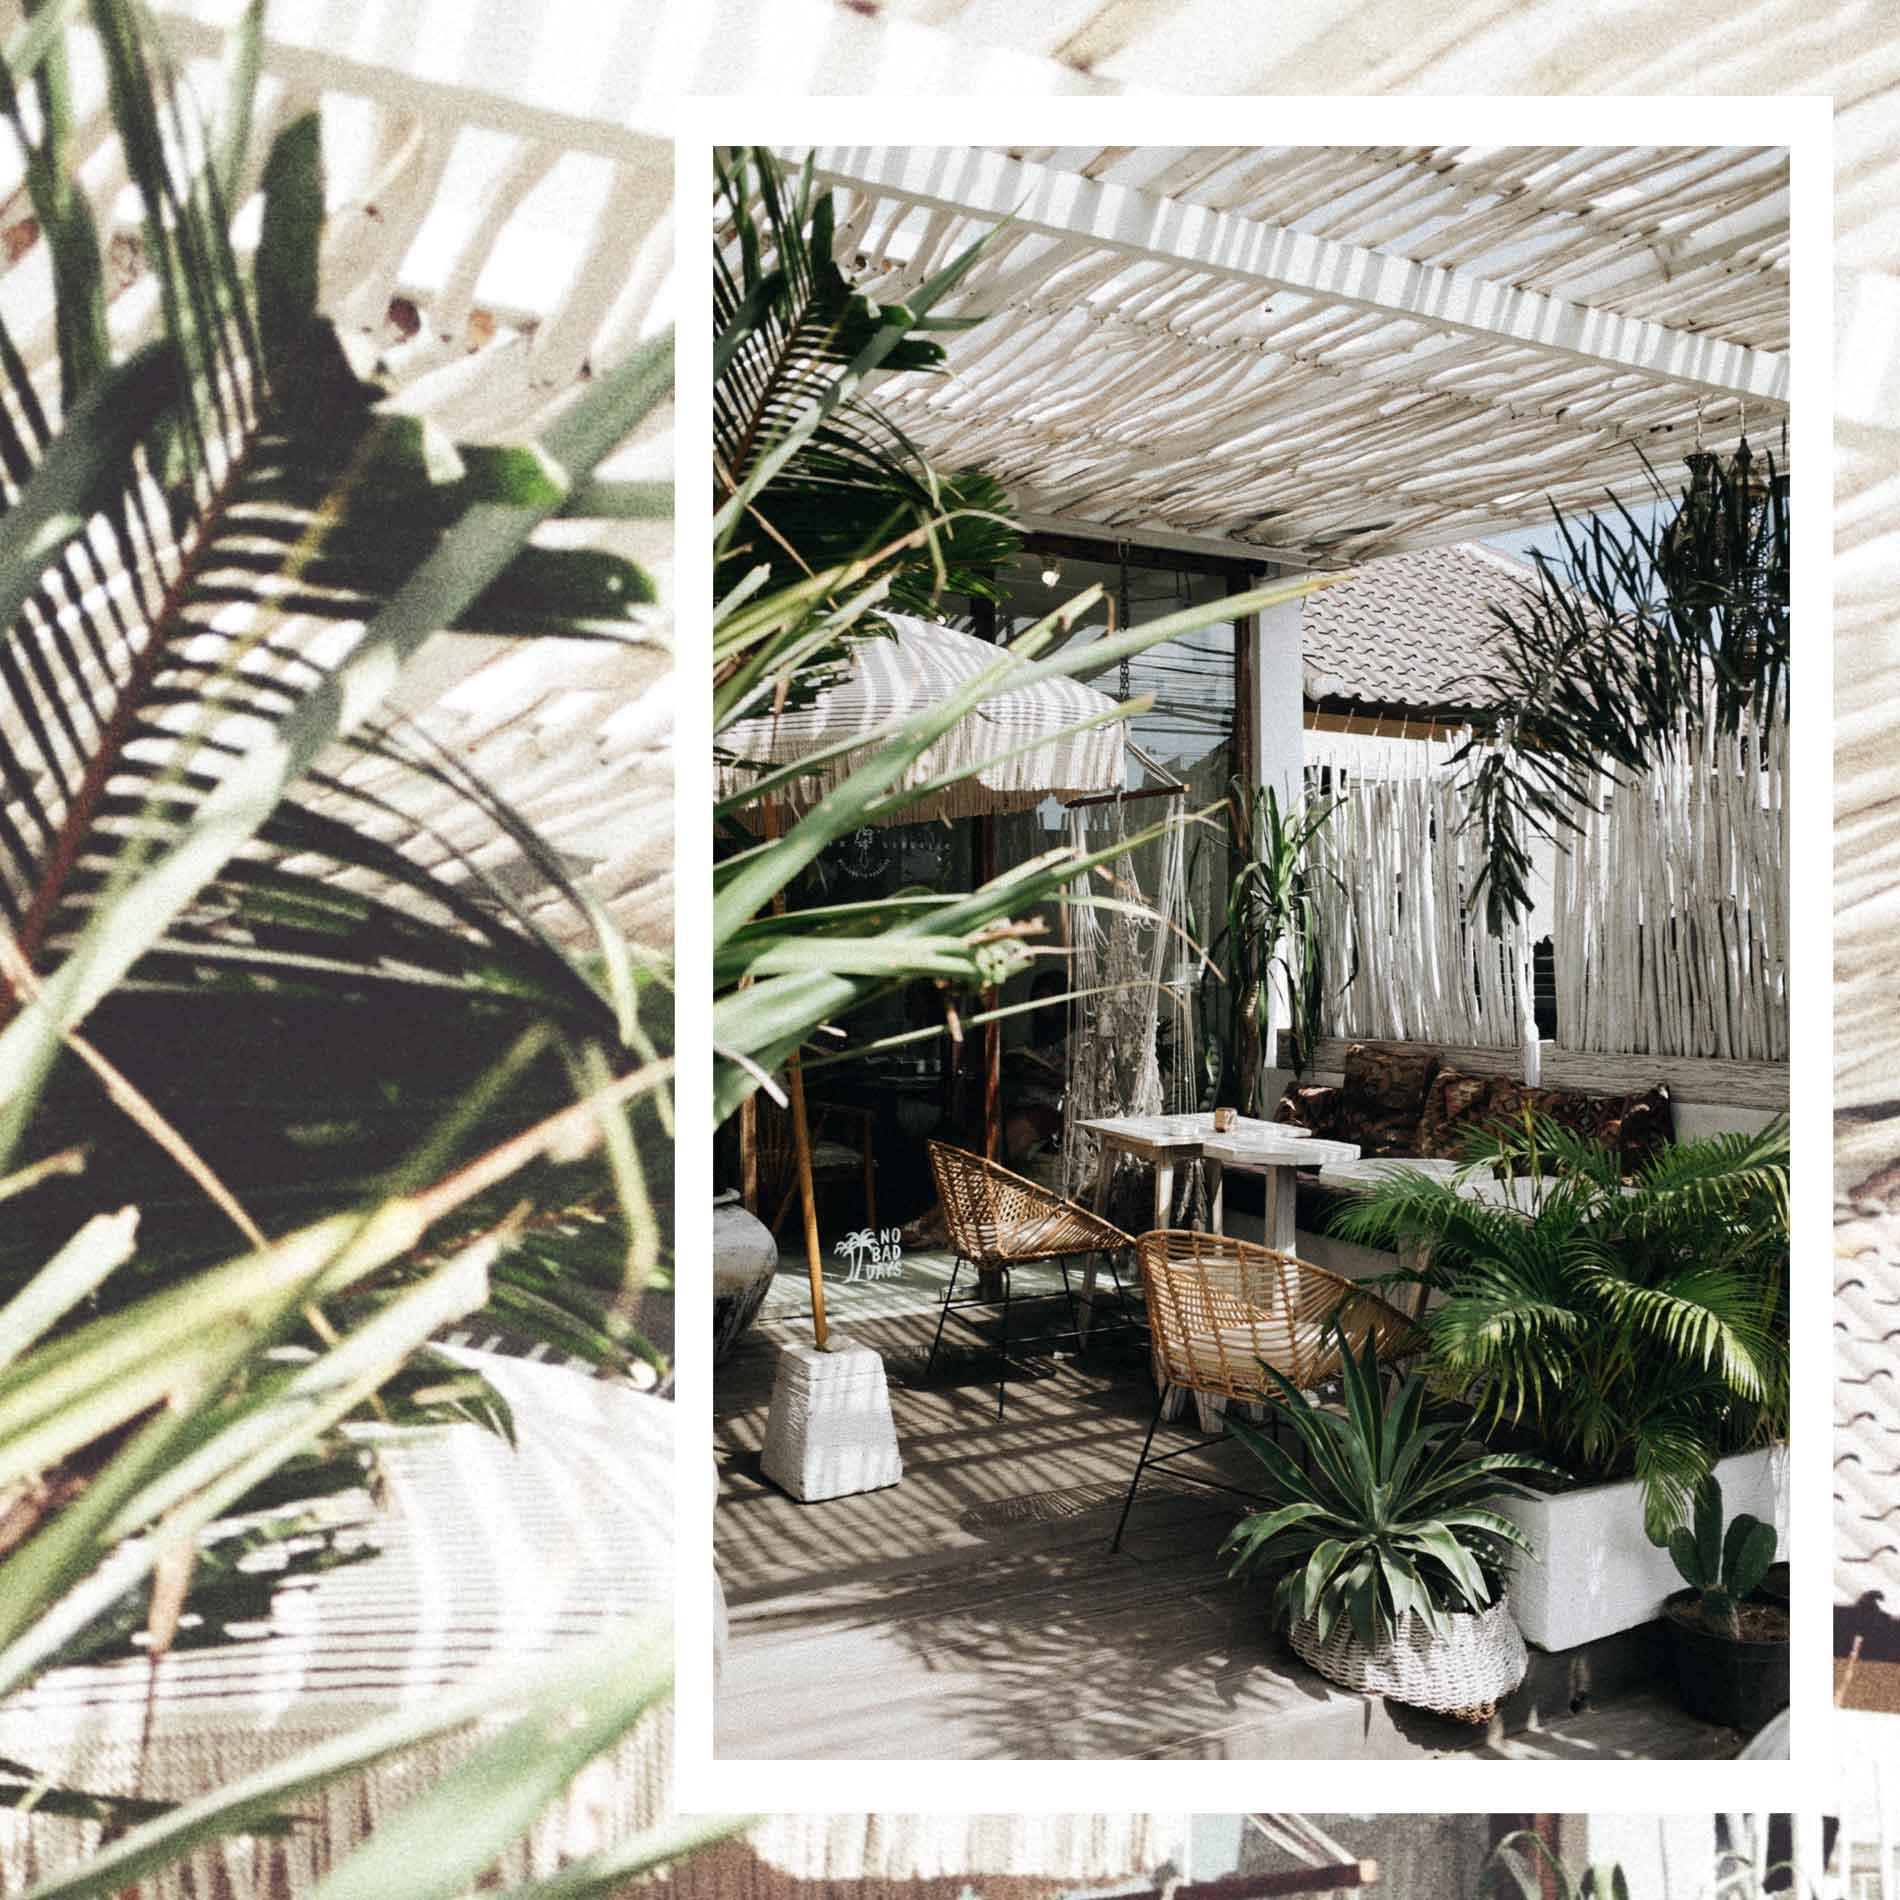 Urlaubsfeeling für Zuhause mit Interior für Garten und Balkon, Urlaub auf Balkonien, Balkon und Garten Interior, Interieur für Balkon und Garten, Gartenmöbel, Dekoideen für den Balkon,